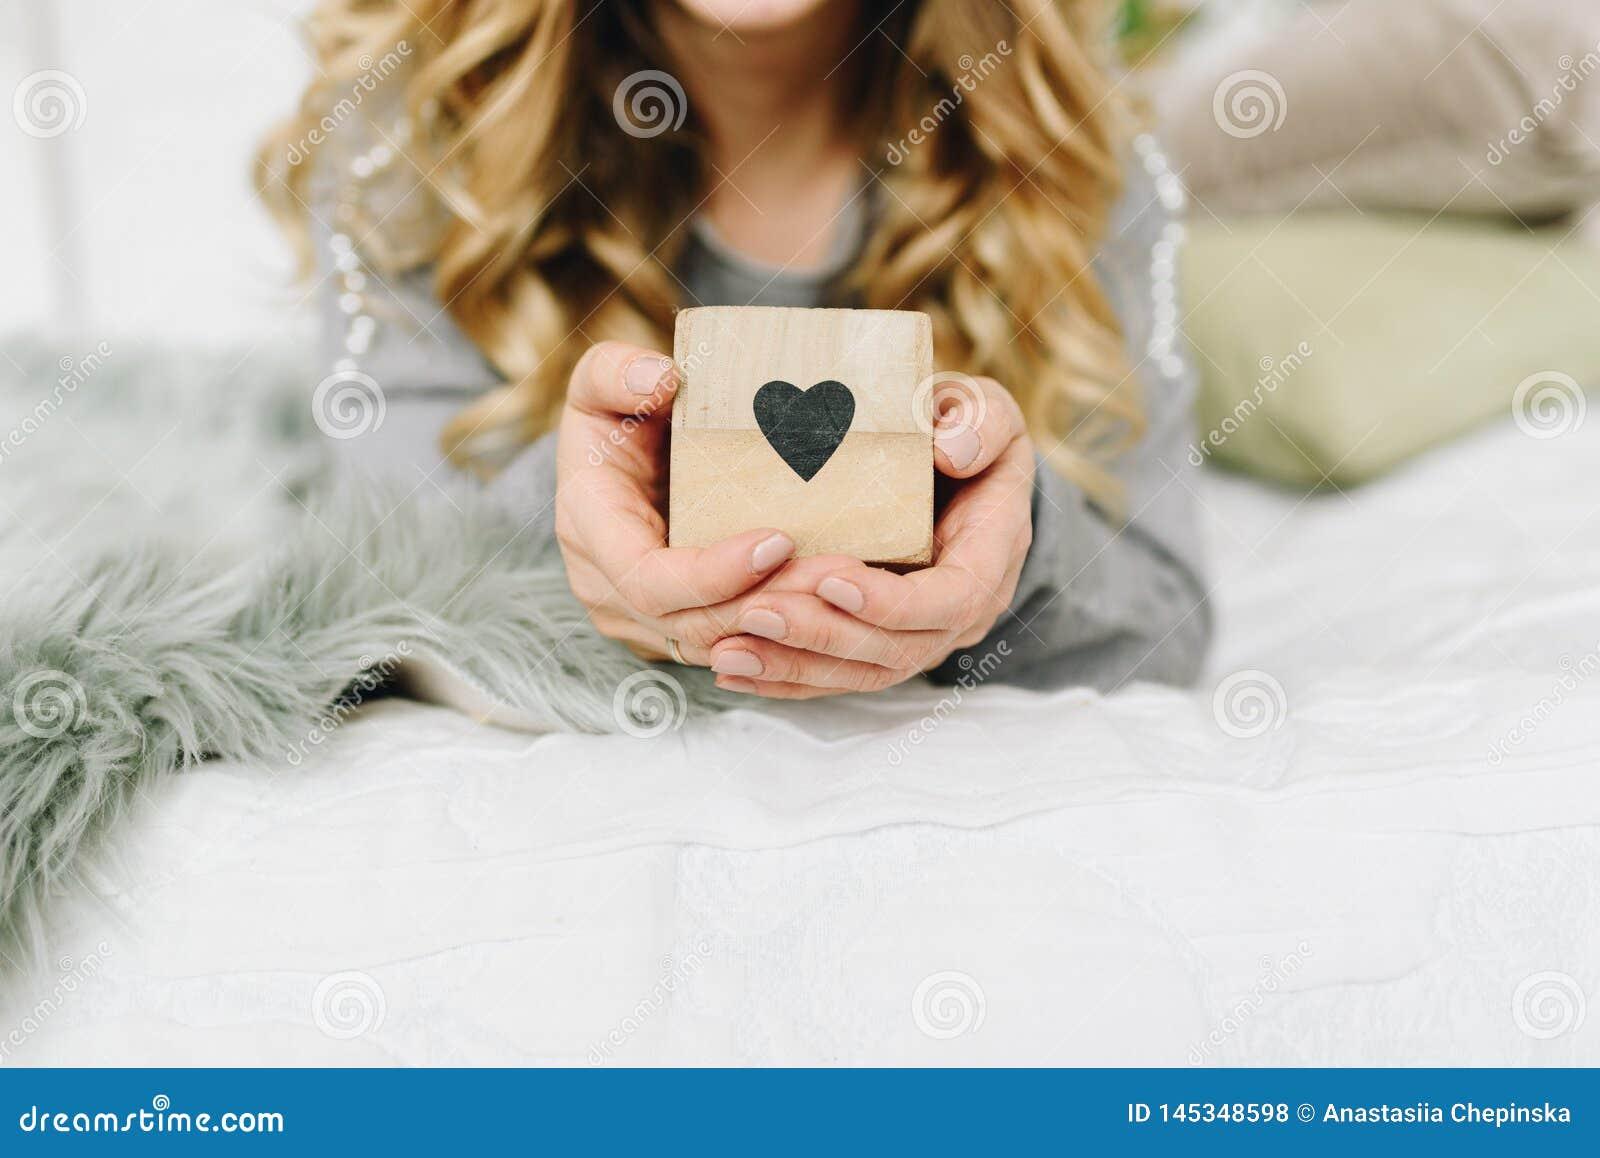 Het mooie jonge Kaukasische Europese hart van de vrouwenholding, het symbool van liefde